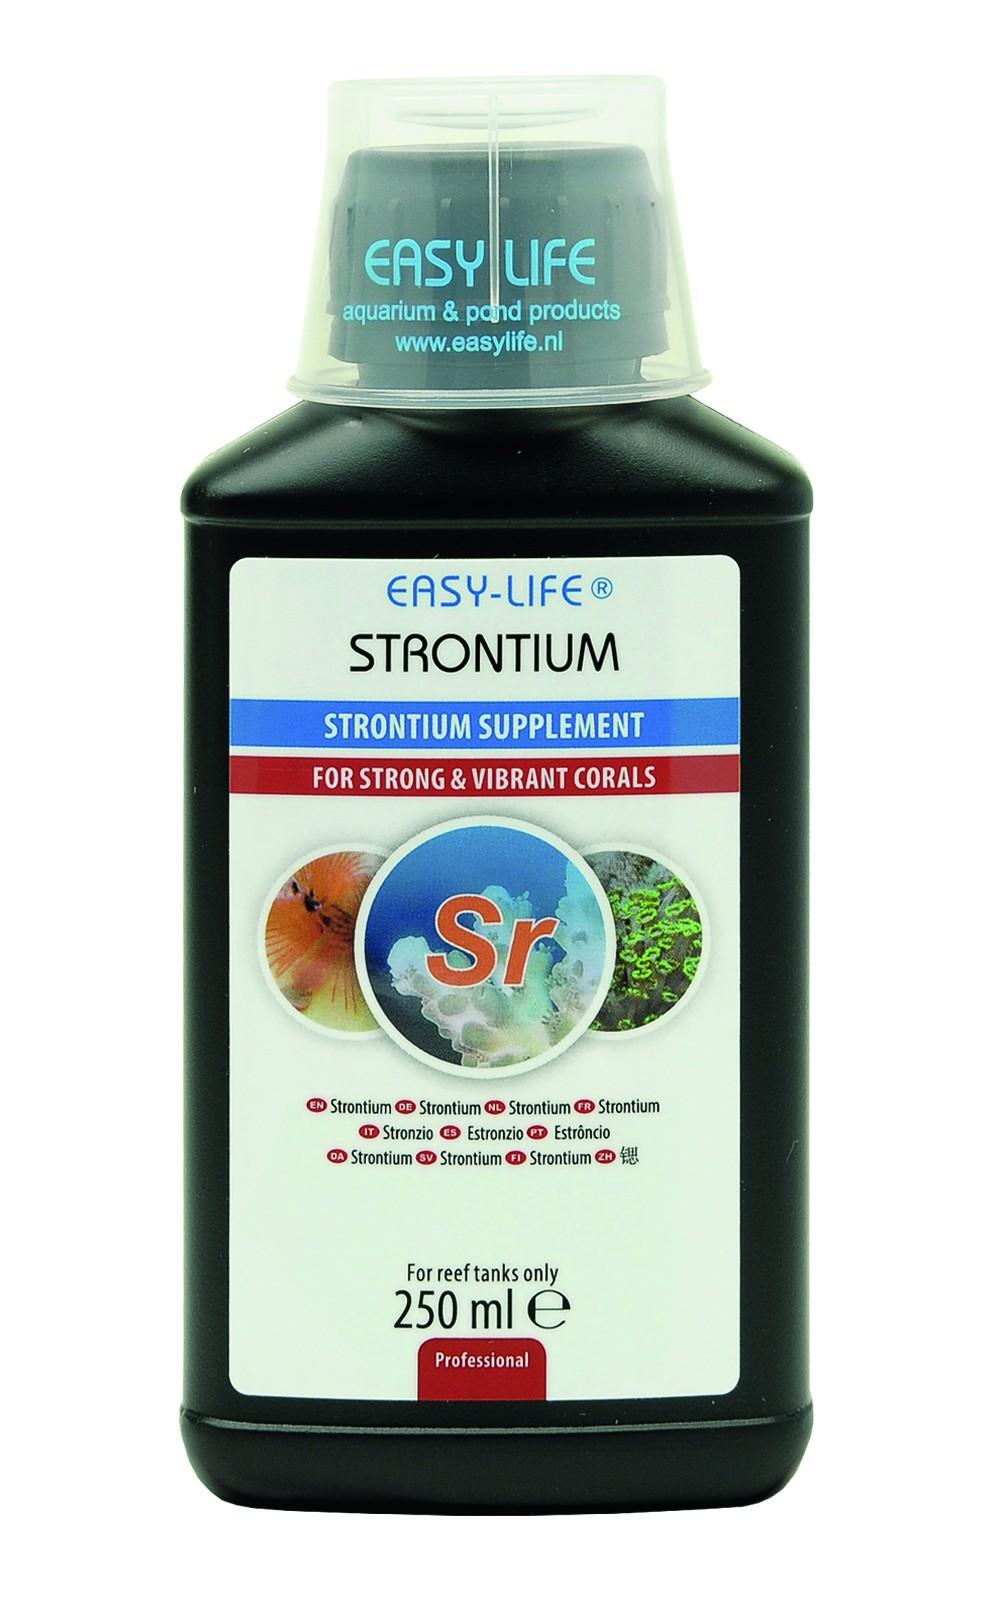 EASY-LIFE Strontium 250ml source de strontium concentrée et puissante pour des coraux sains et merveilleux